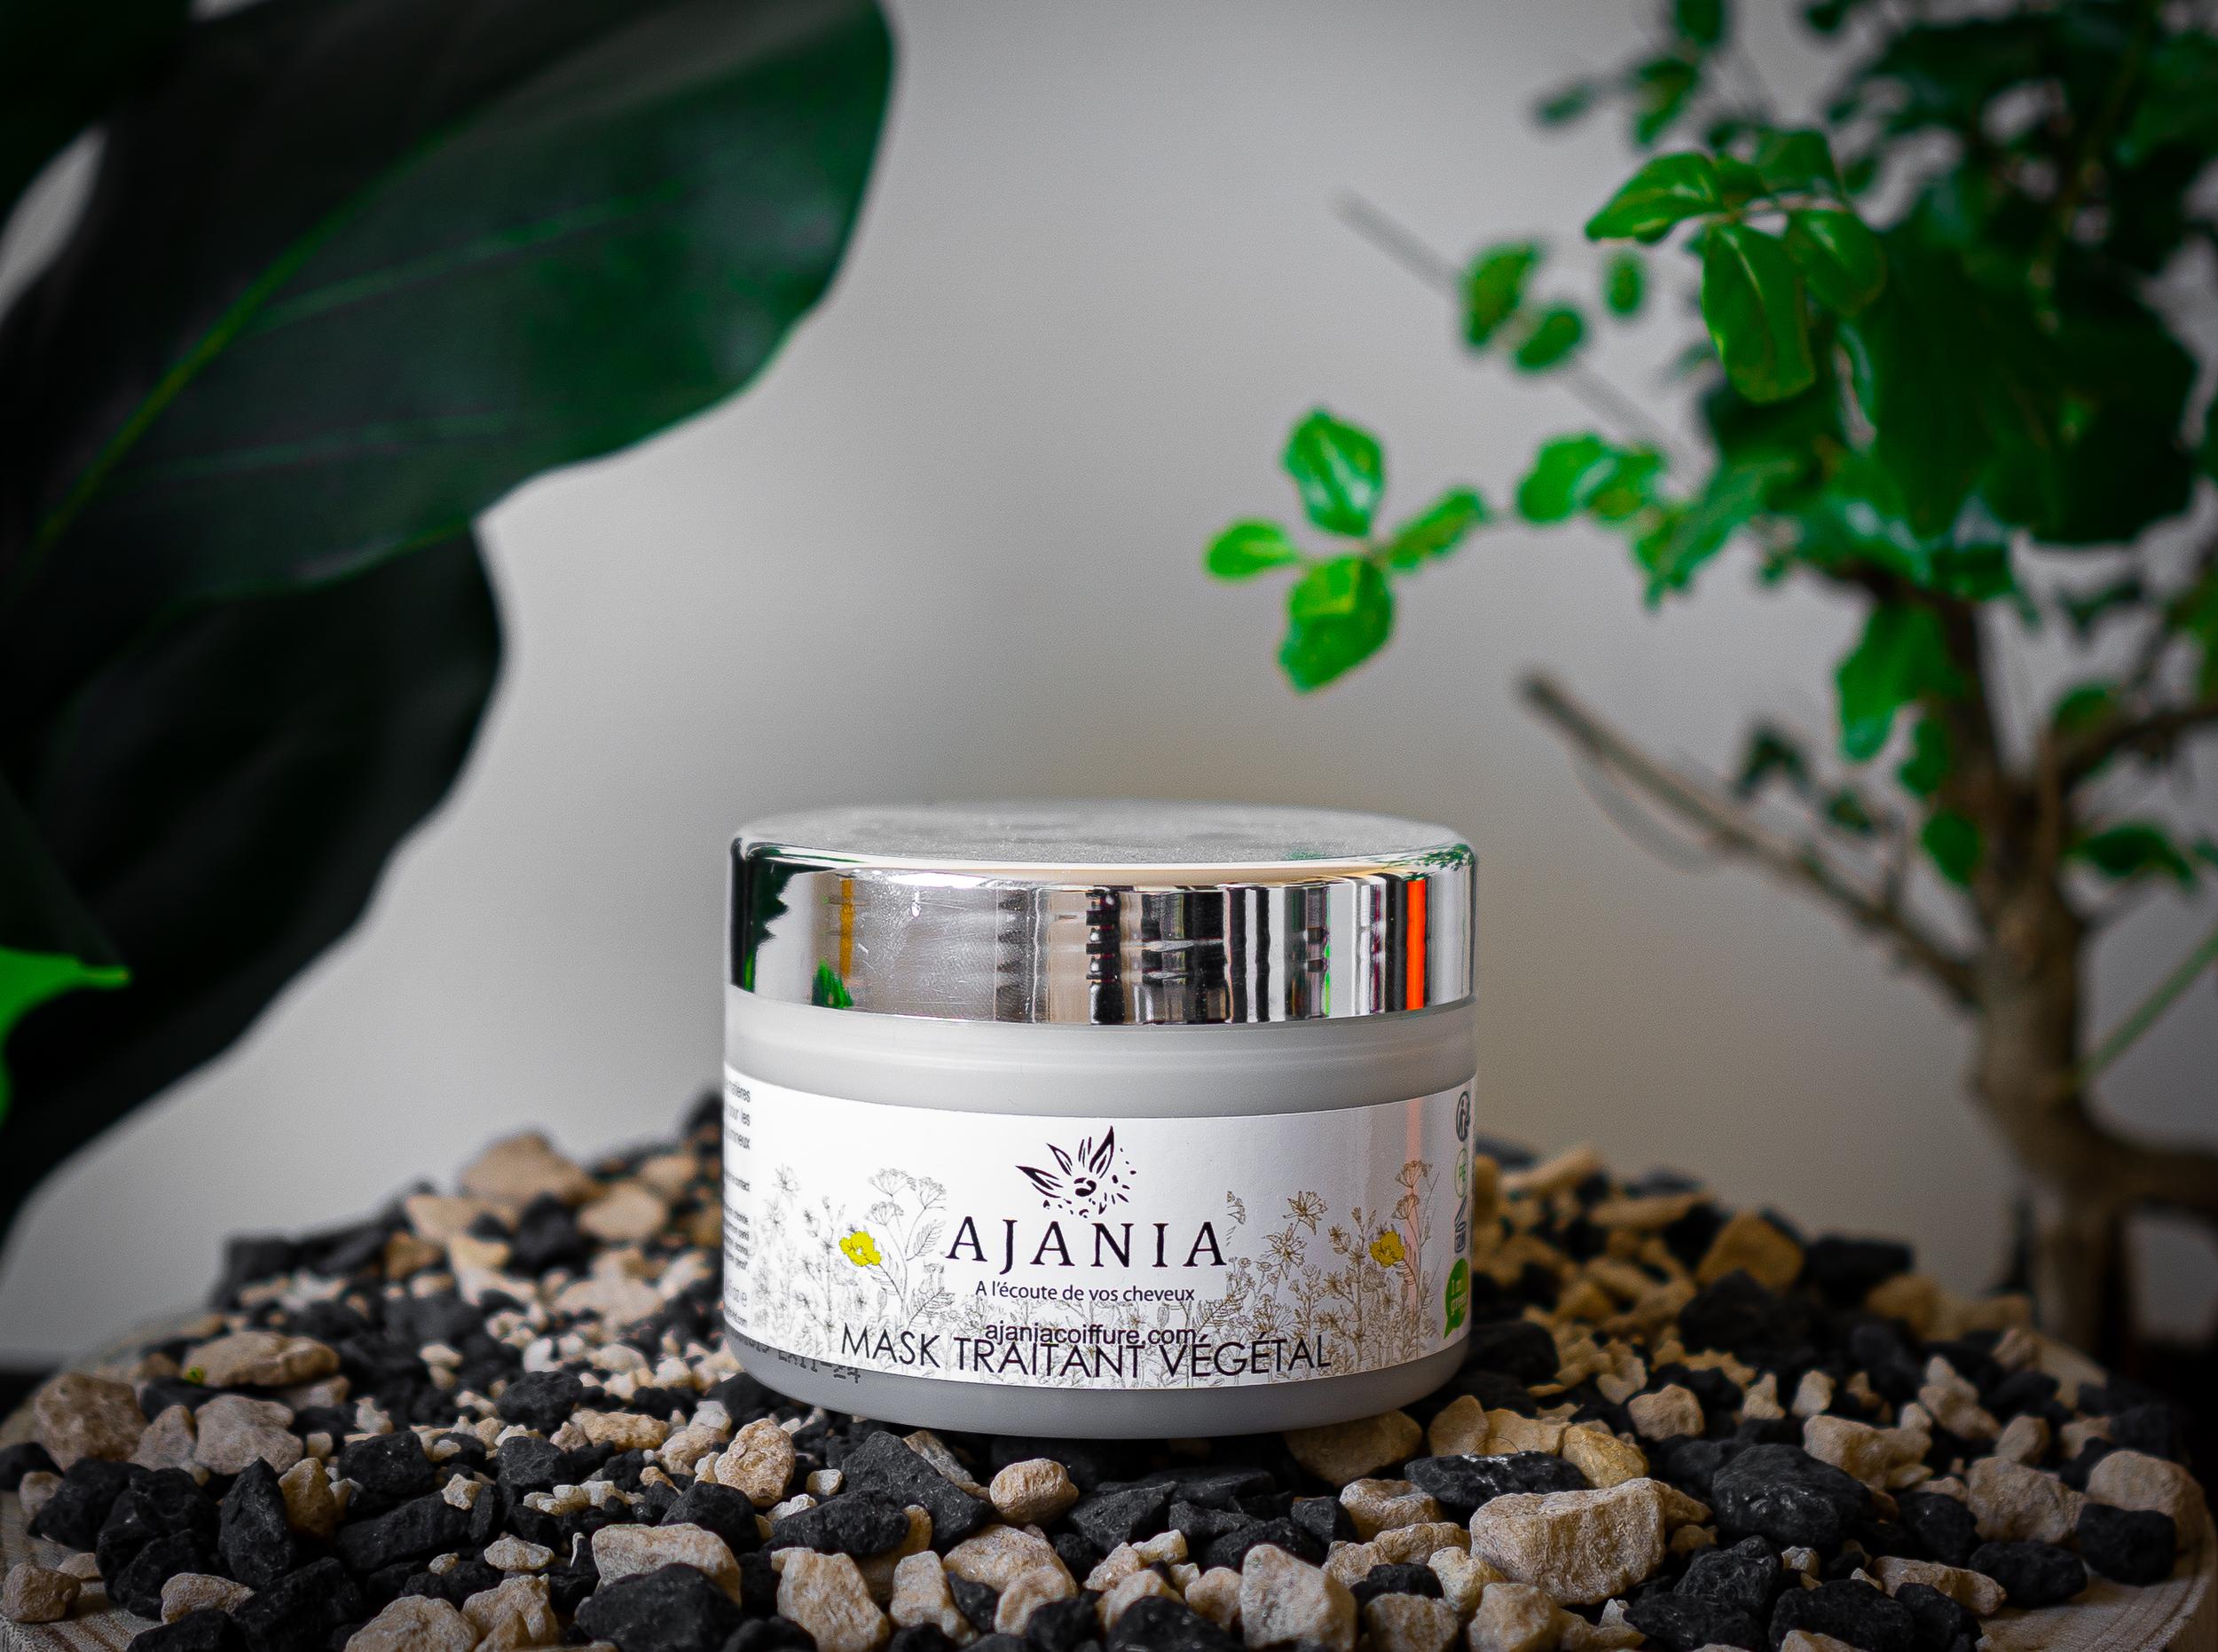 Ajania Mask Traitant Végétal - 250 ml - soin douceur, huile de macadamia